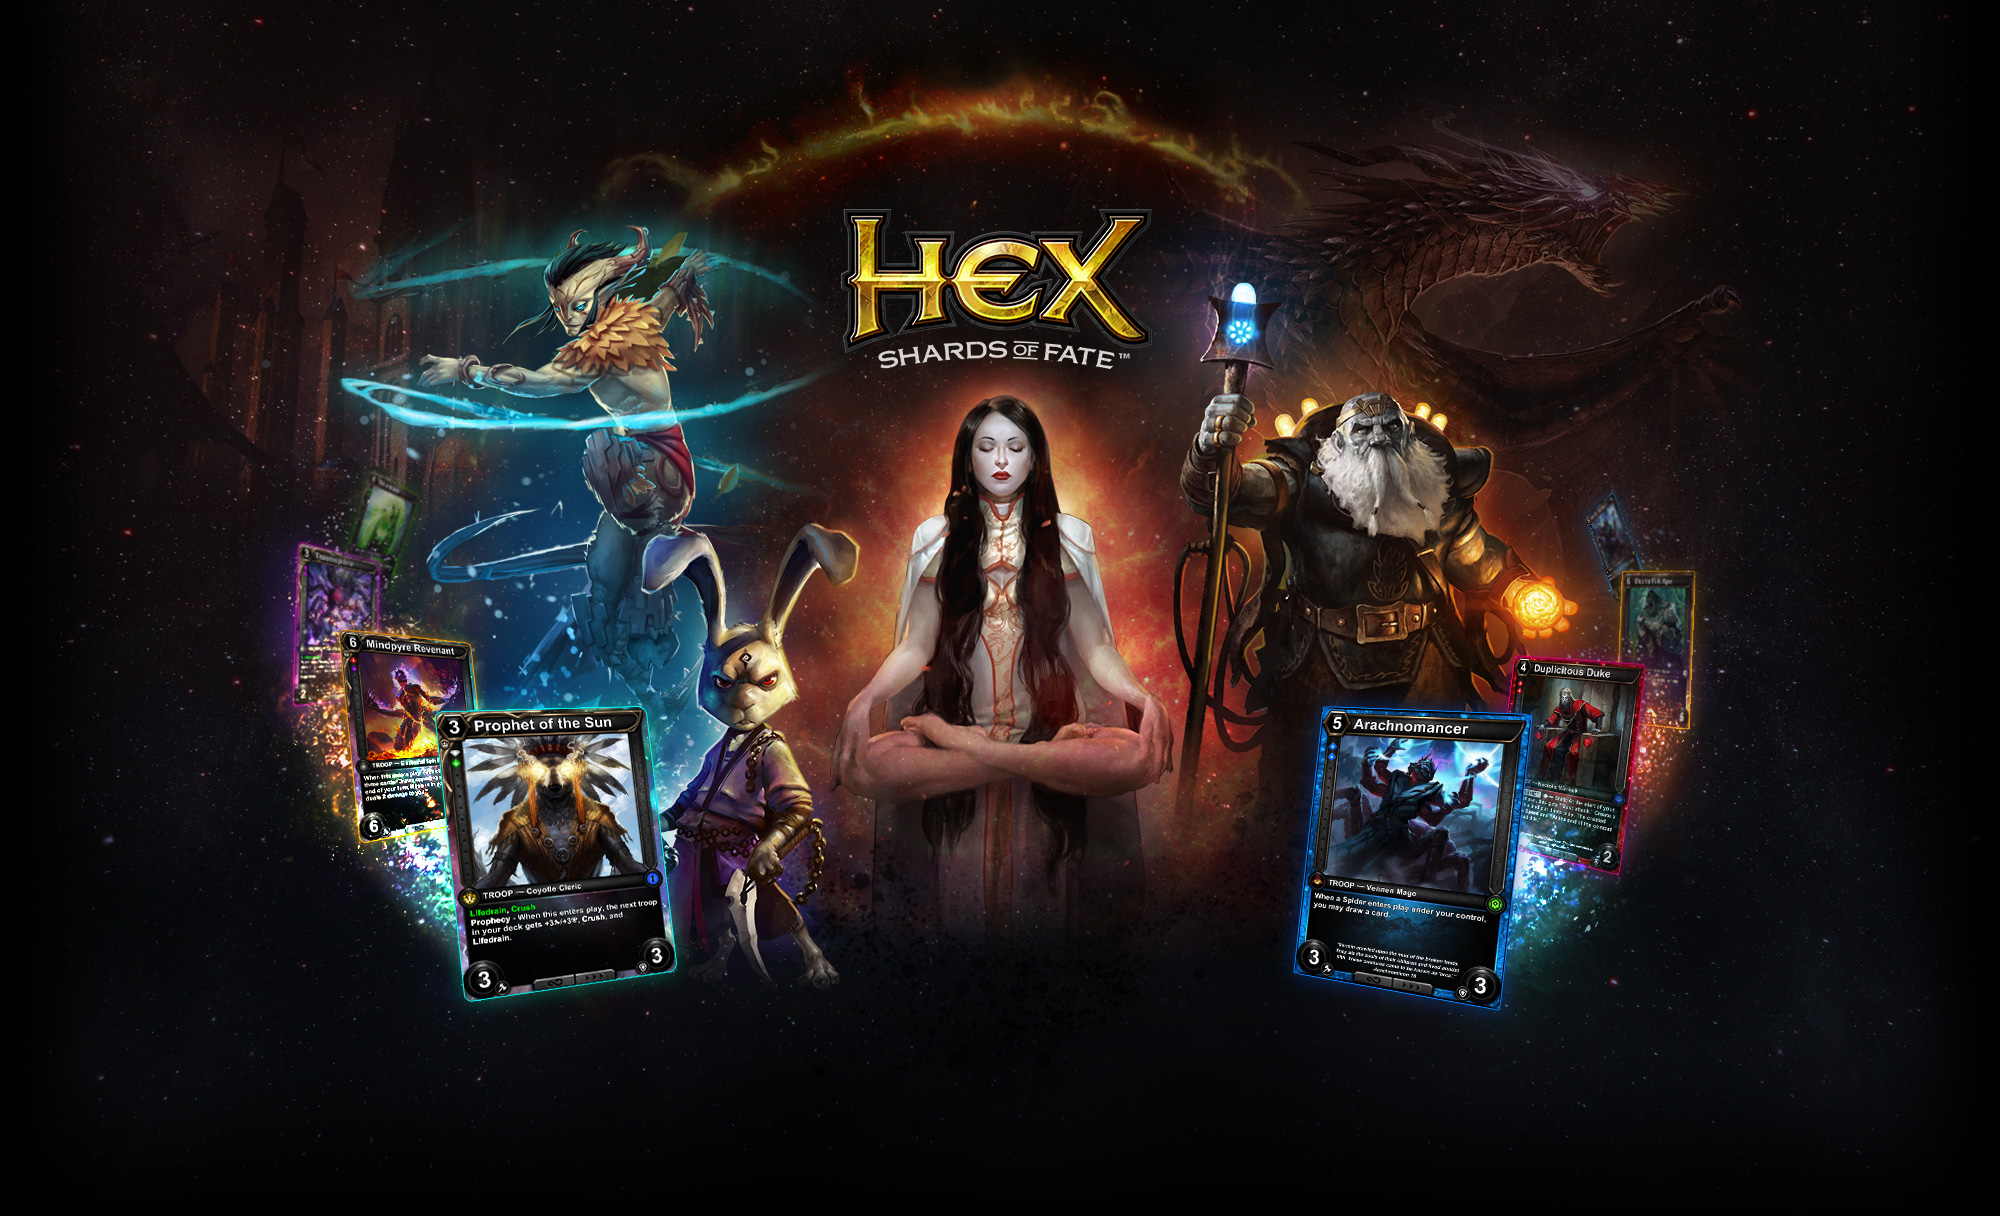 Sammelkartenspiel HEX erhält neue Upgrades (Anzeige)